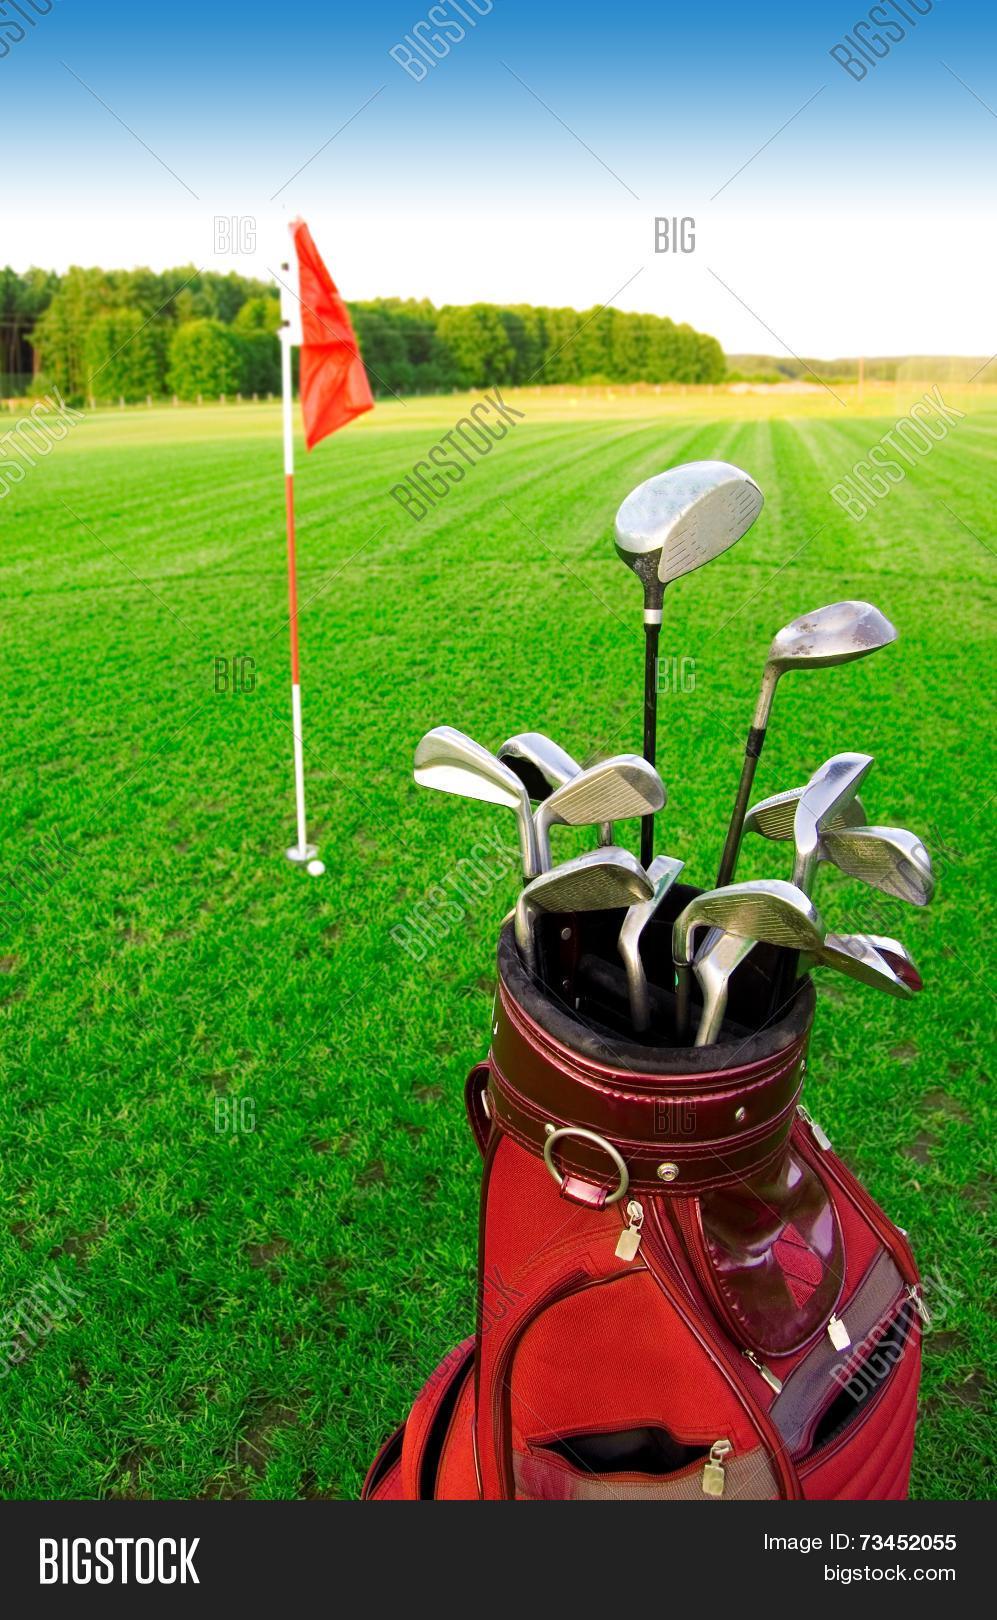 golf game image photo bigstock. Black Bedroom Furniture Sets. Home Design Ideas